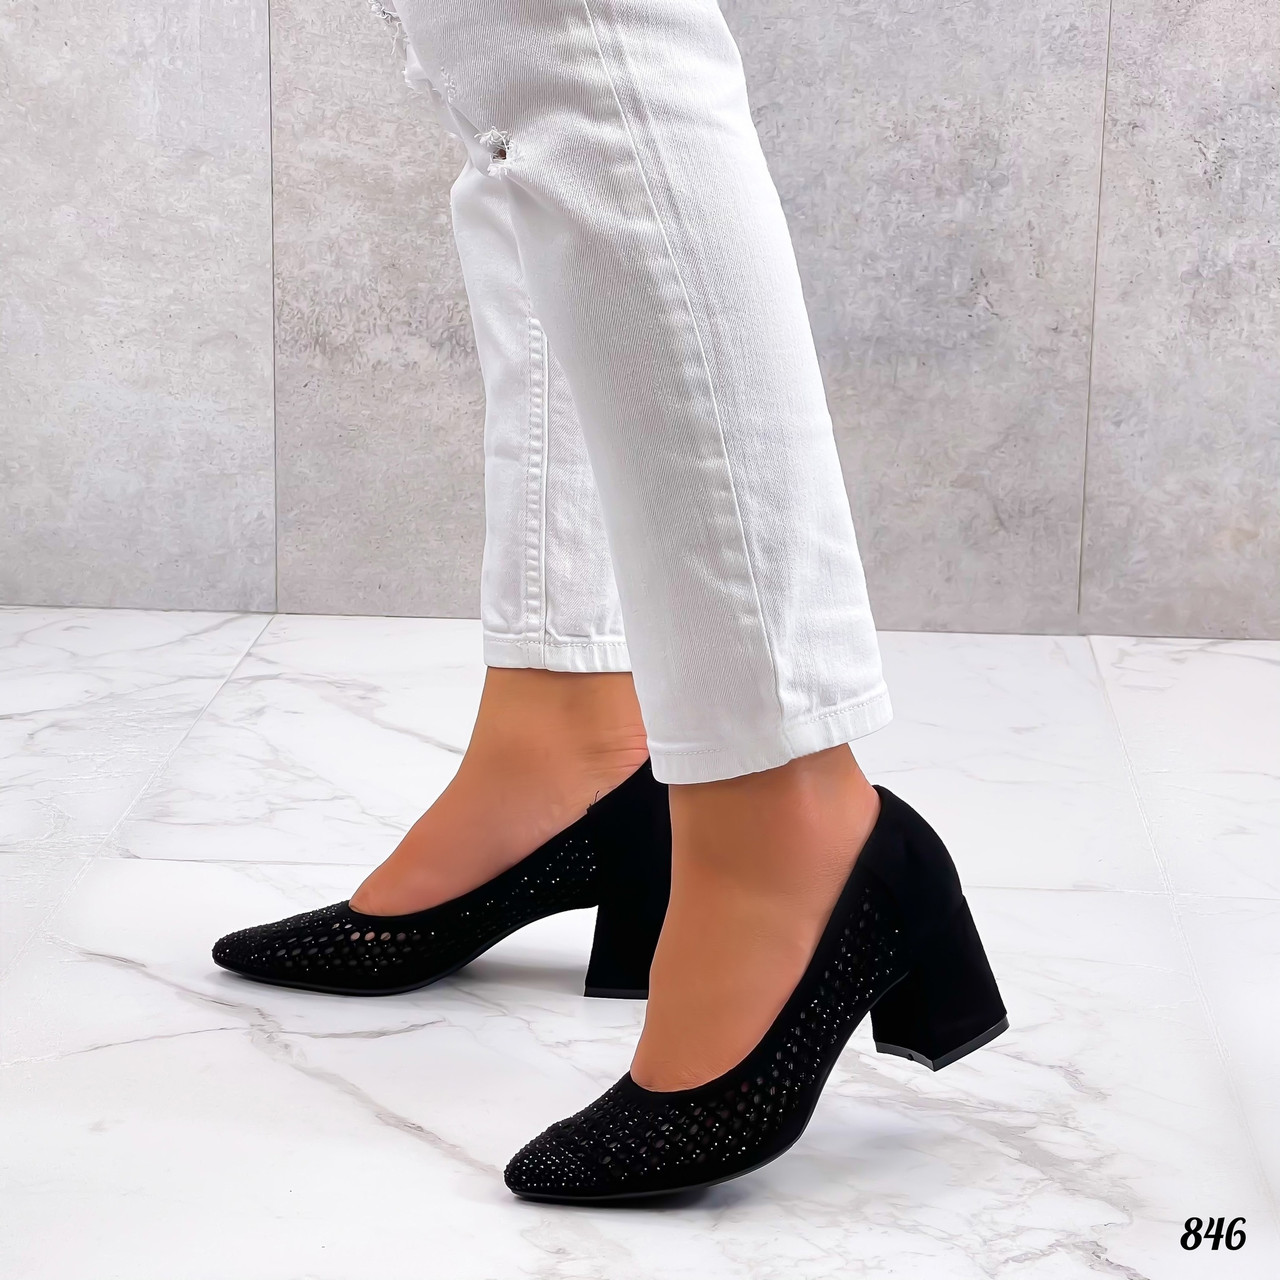 Шикарные женские туфли на каблуке из эко замш 36-40 р чёрный